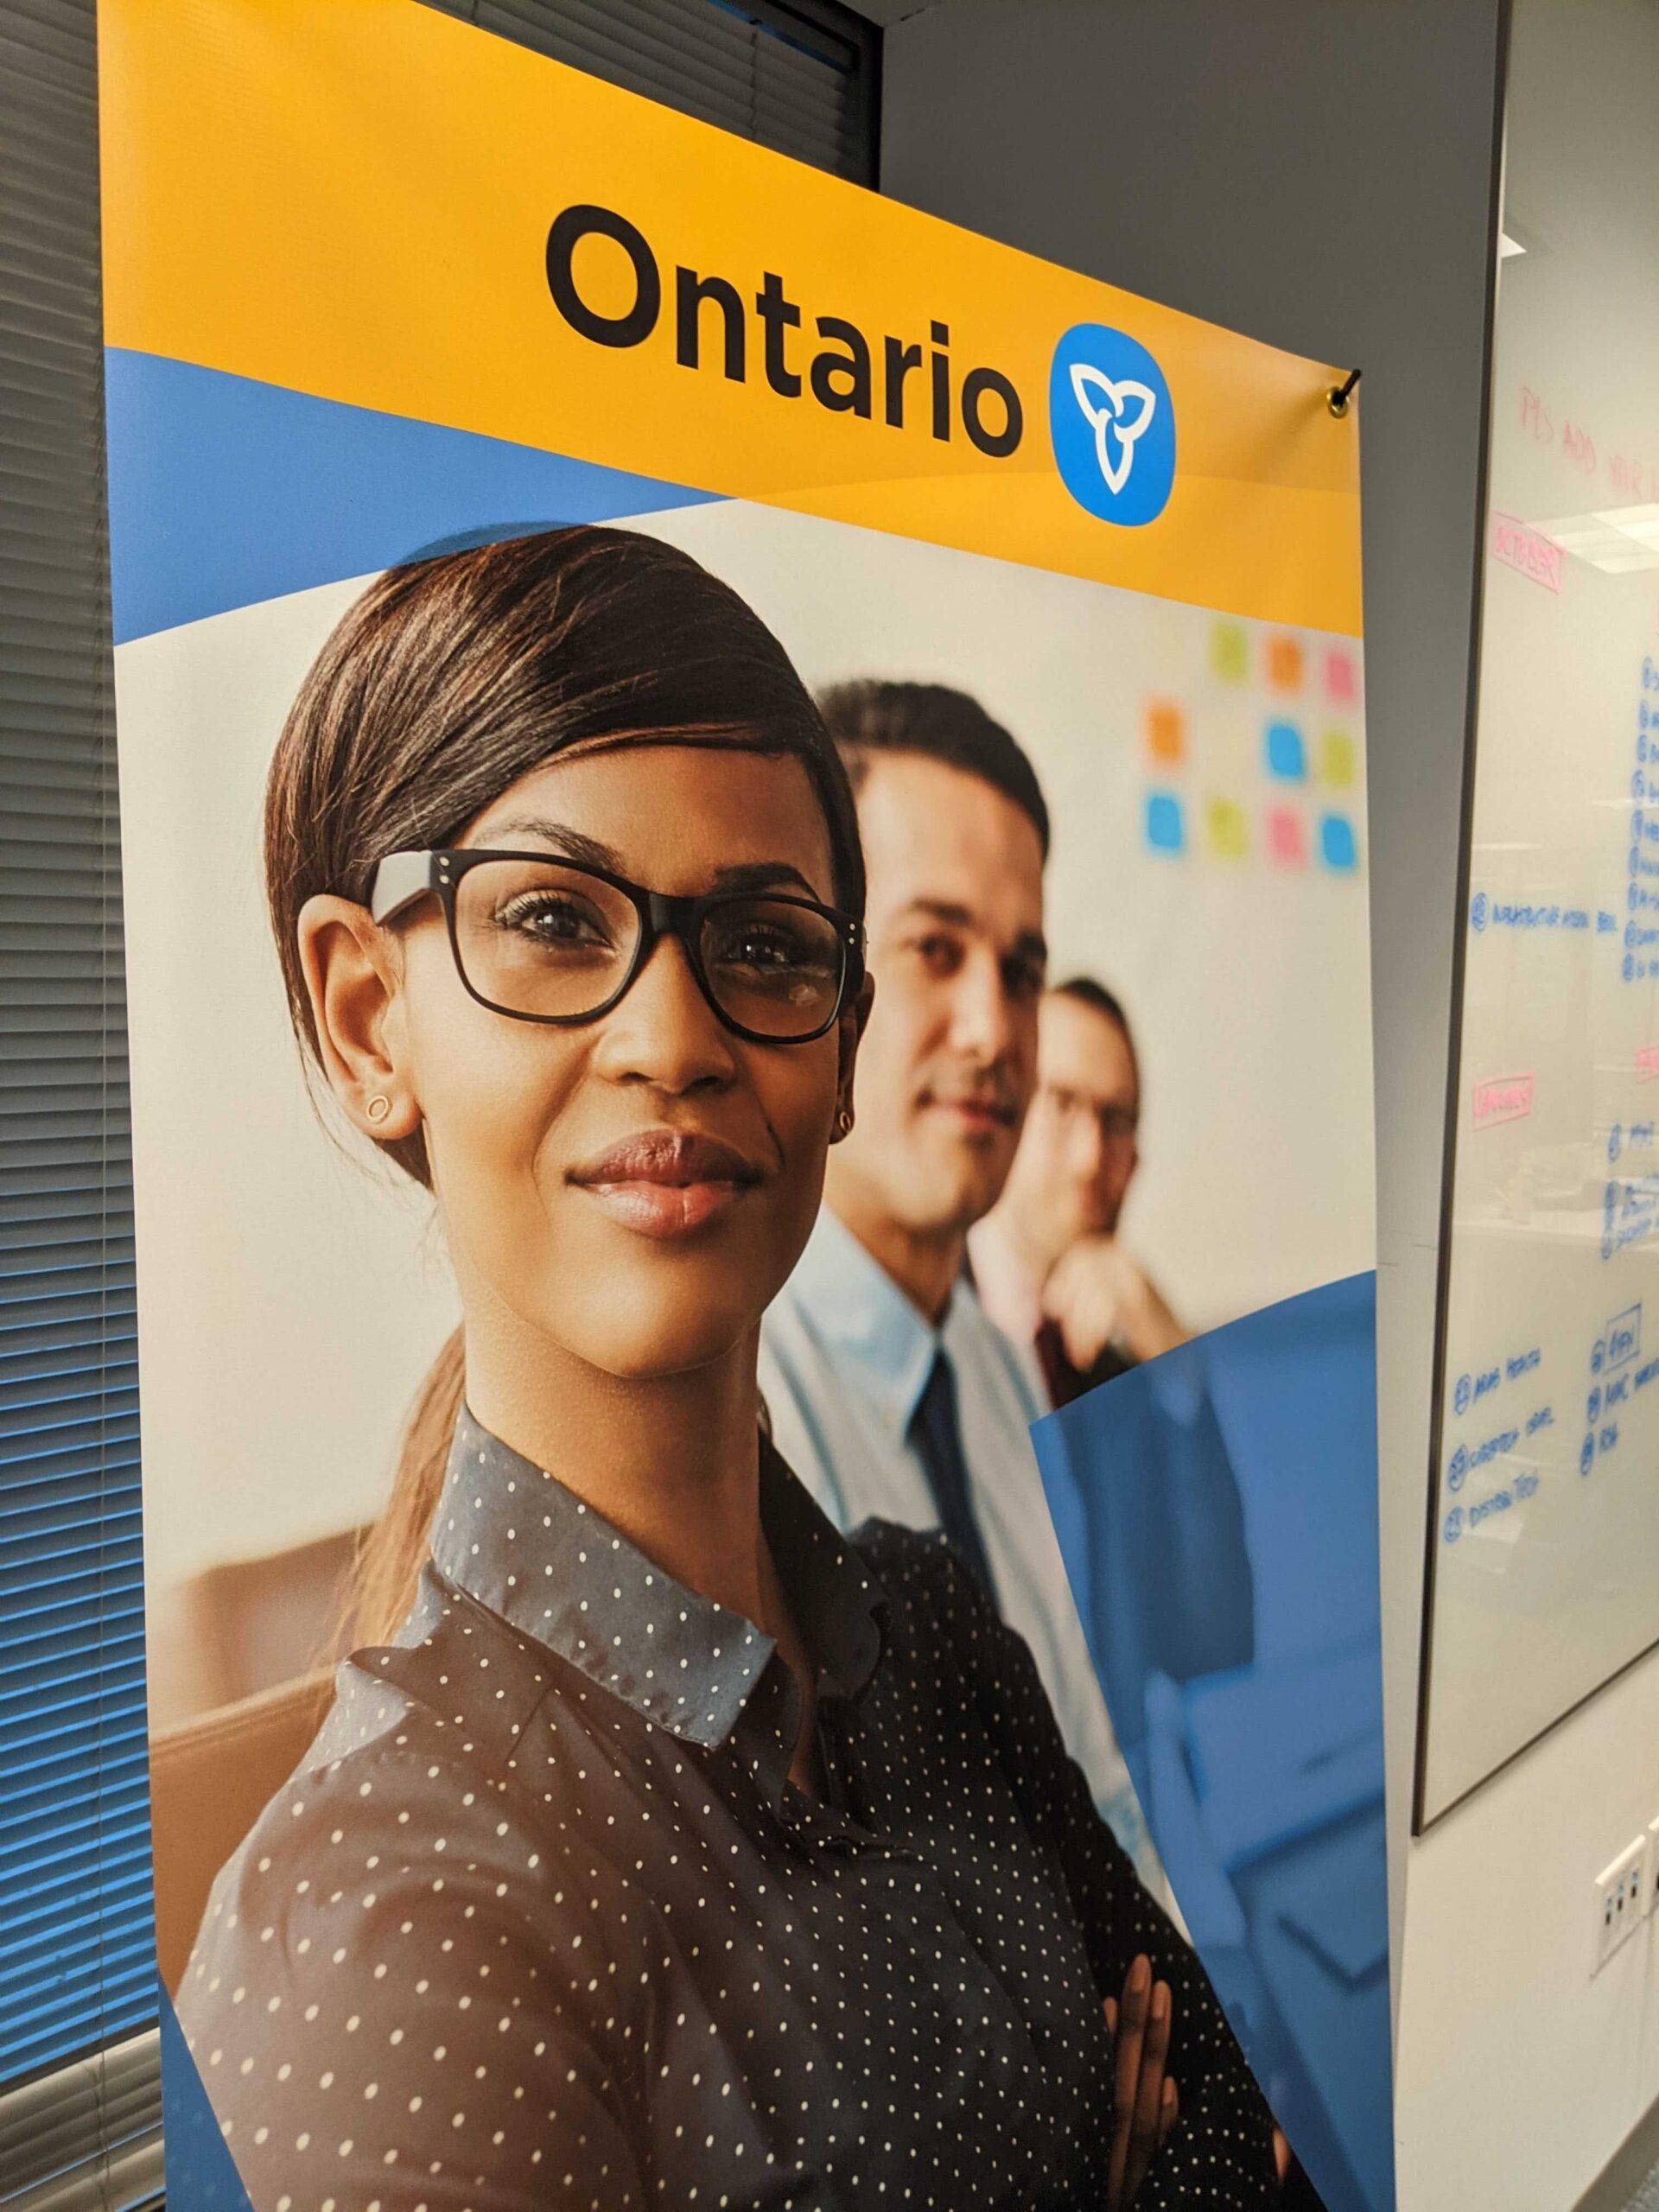 Ontario banner